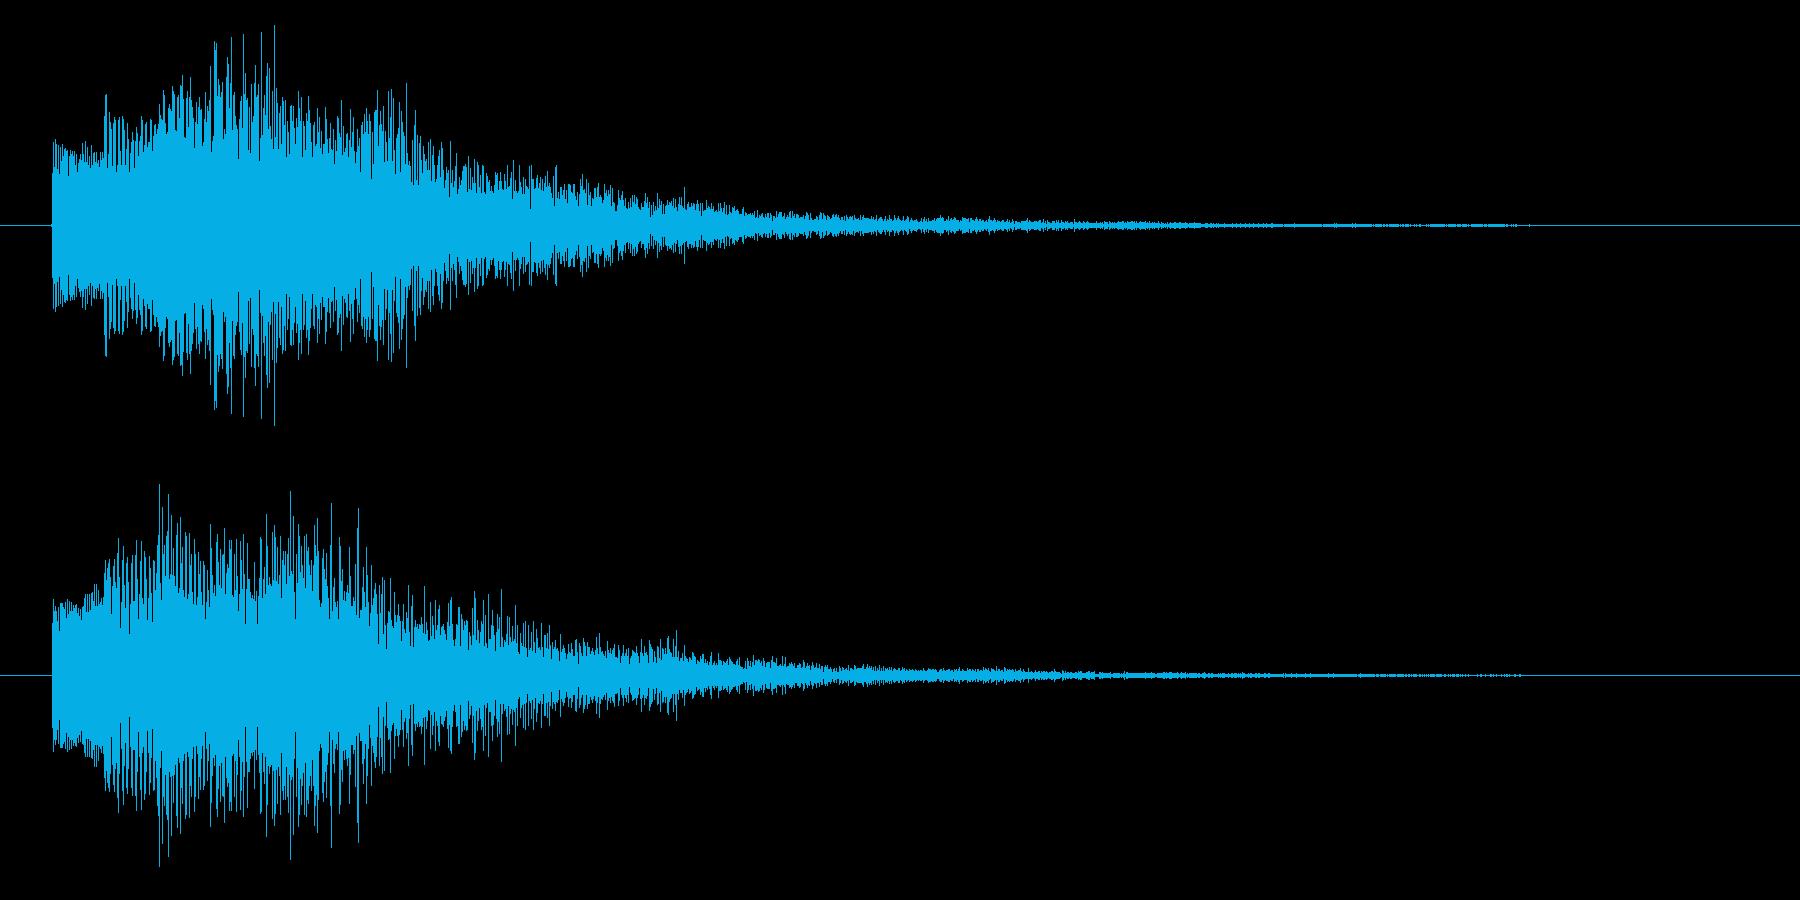 ニュースのテロップをイメージした音10の再生済みの波形